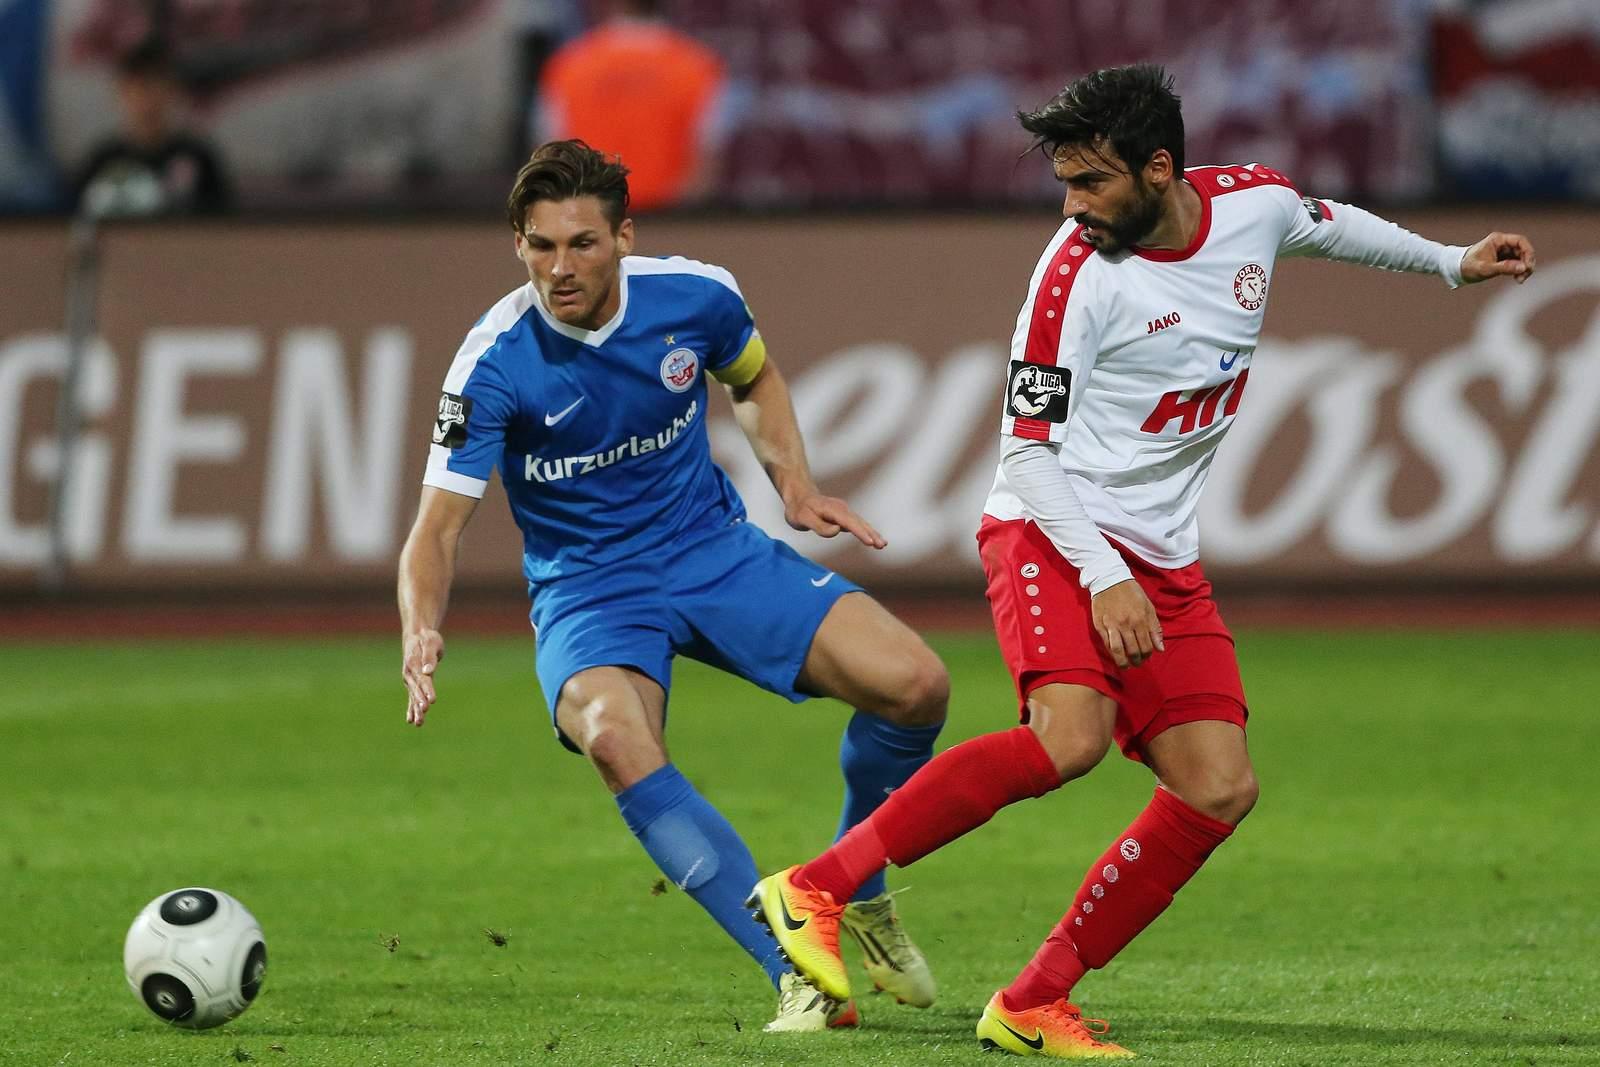 Michael Gardawski gegen Selcuk Alibaz. Jetzt auf die Partie Hansa Rostock gegen Fortuna Köln wetten